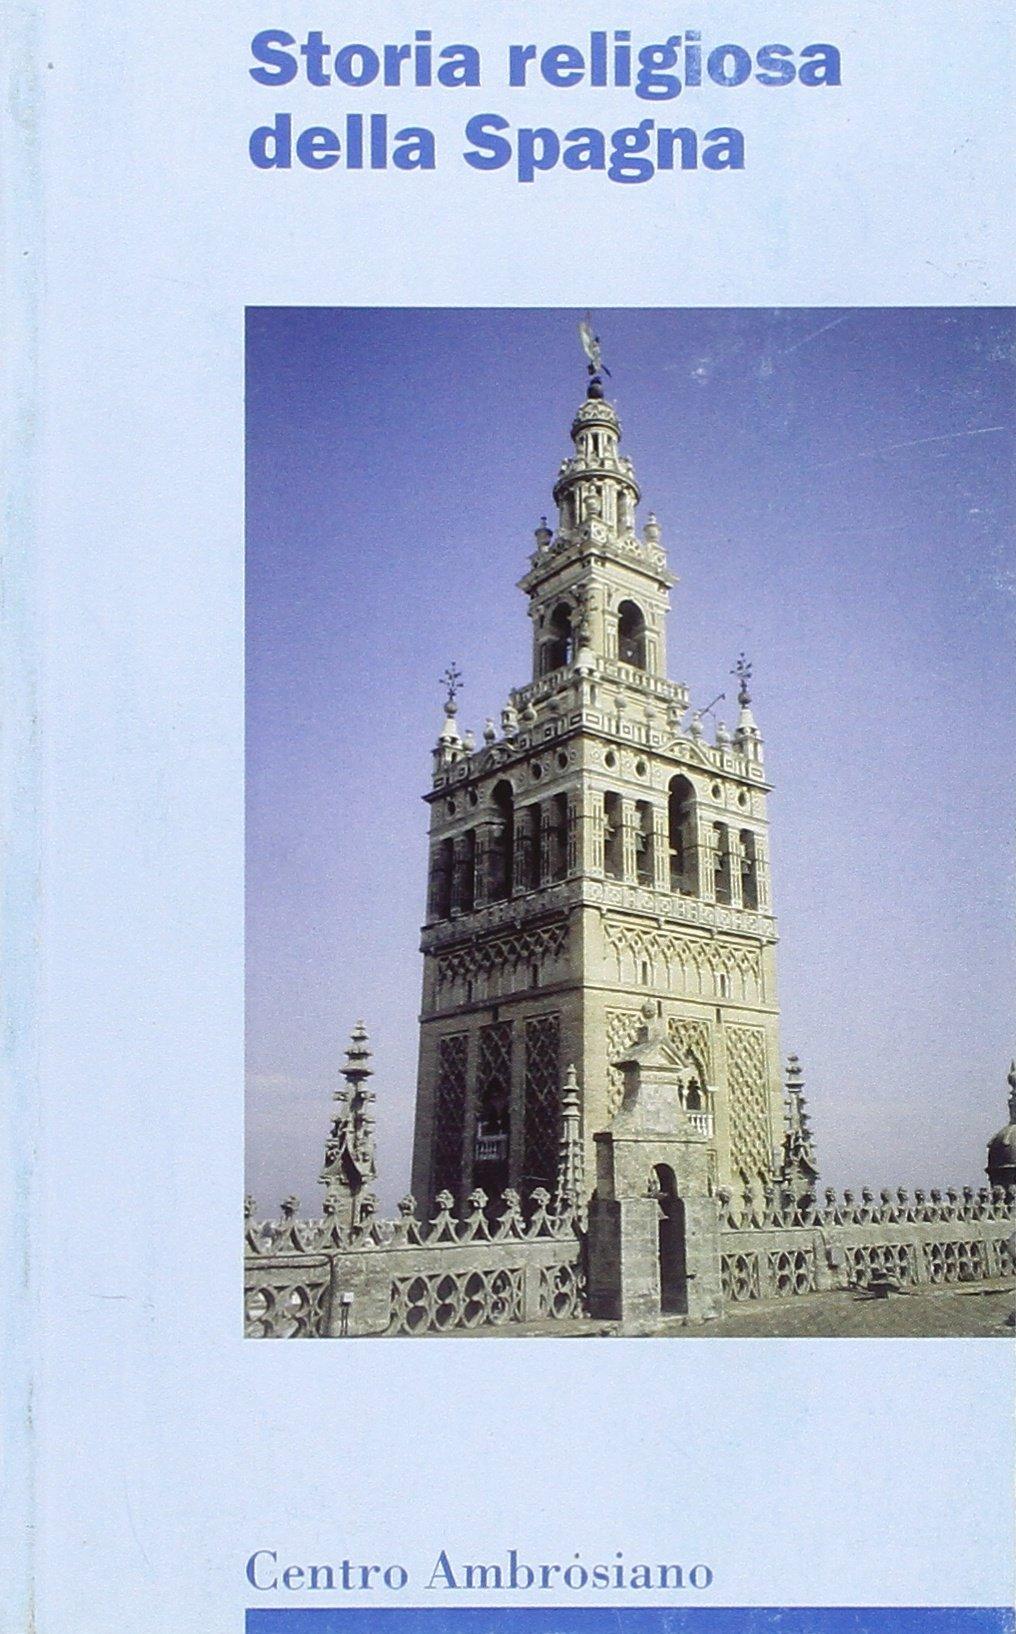 Storia religiosa della Spagna